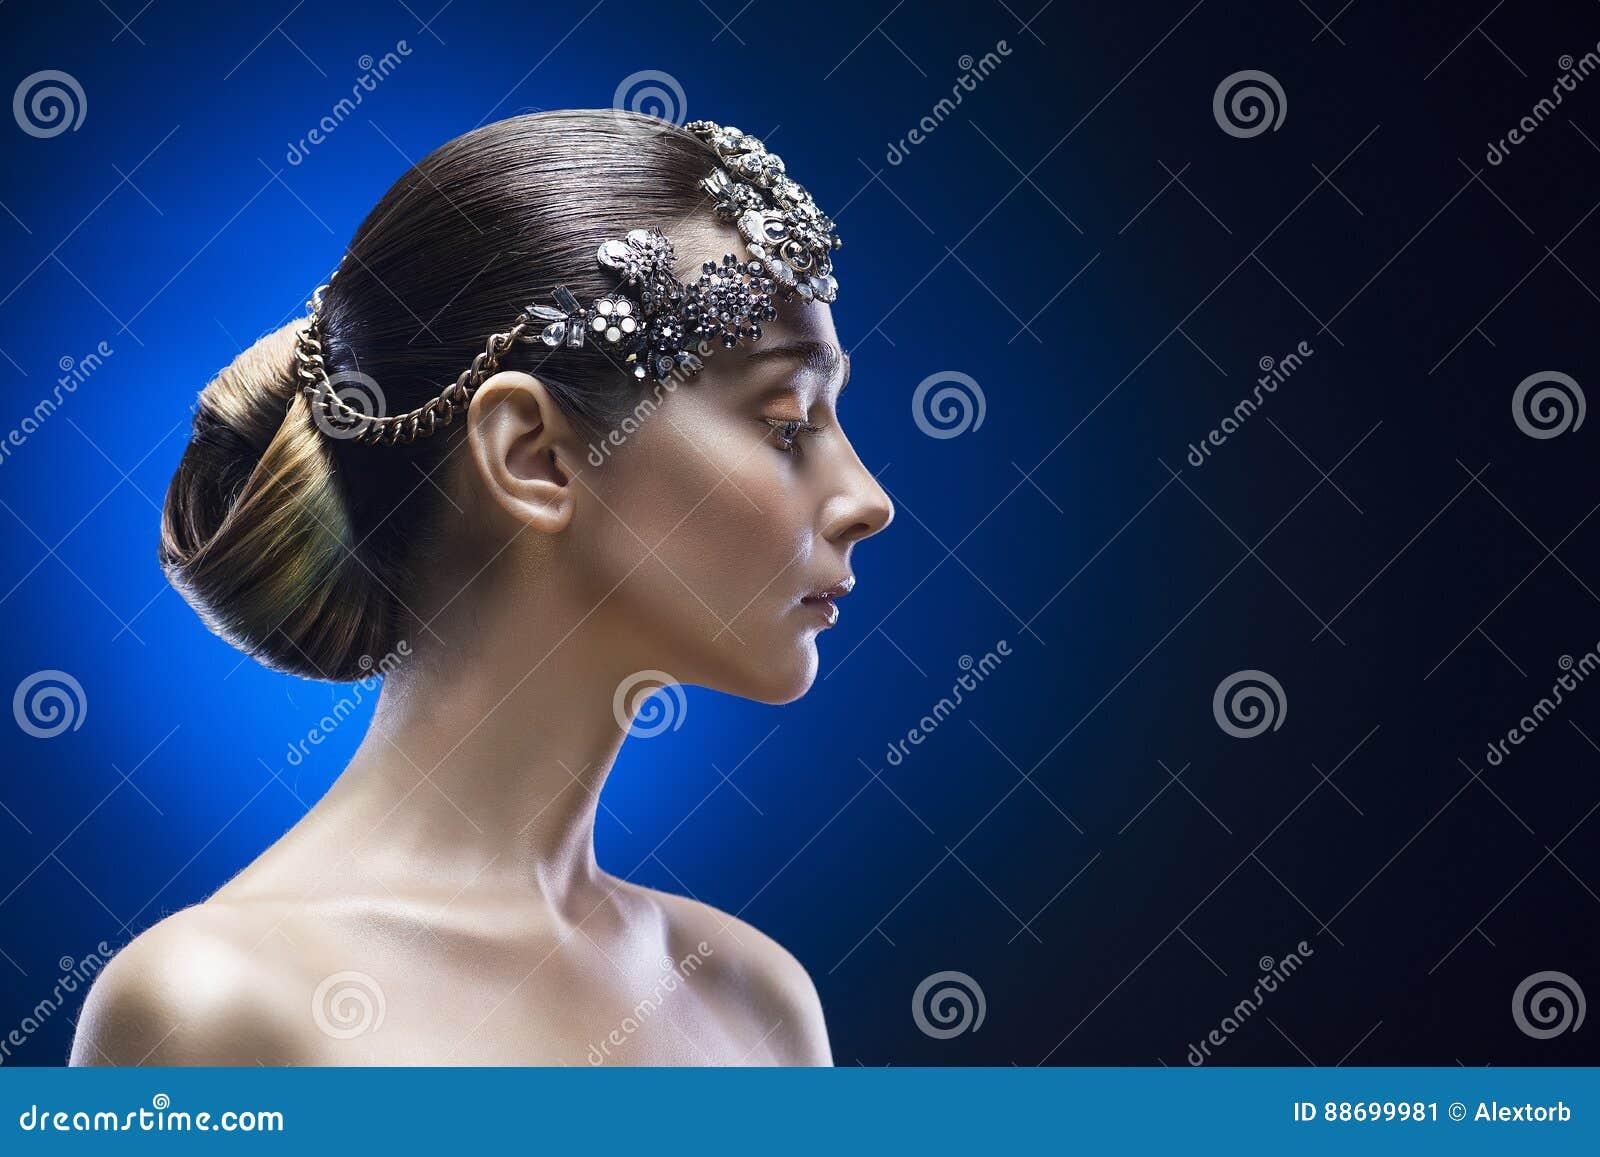 Skönhetsidostående av den unga kvinnan med en exakt frisyr och prydnaden i hår på en blå lutningbakgrund